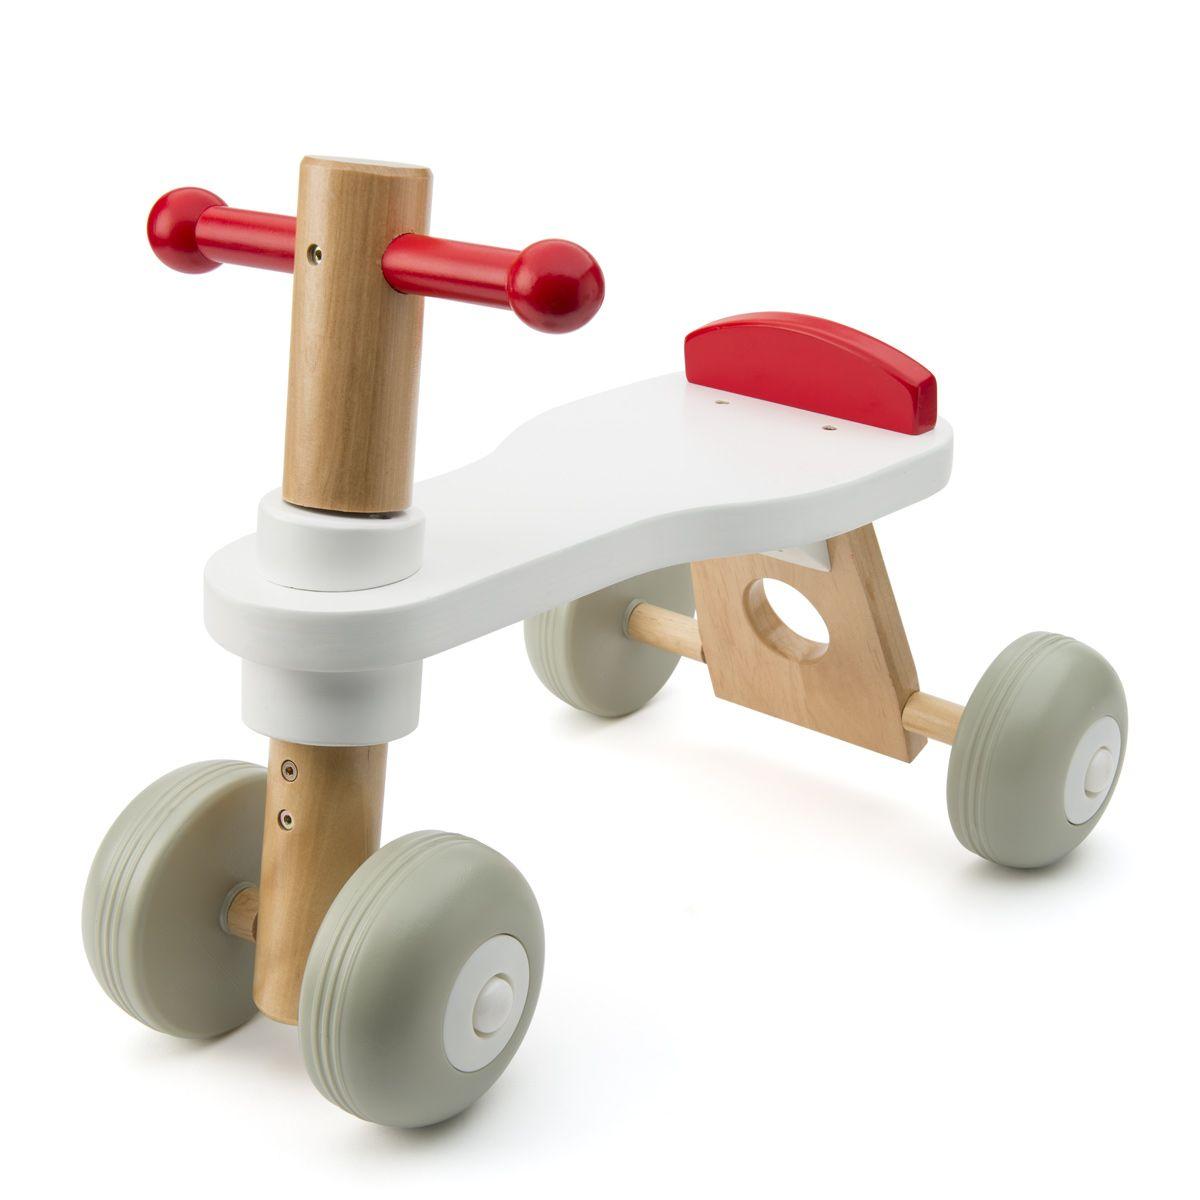 porteur bois pouss pouss oxybul pour enfant de 1 an 3. Black Bedroom Furniture Sets. Home Design Ideas